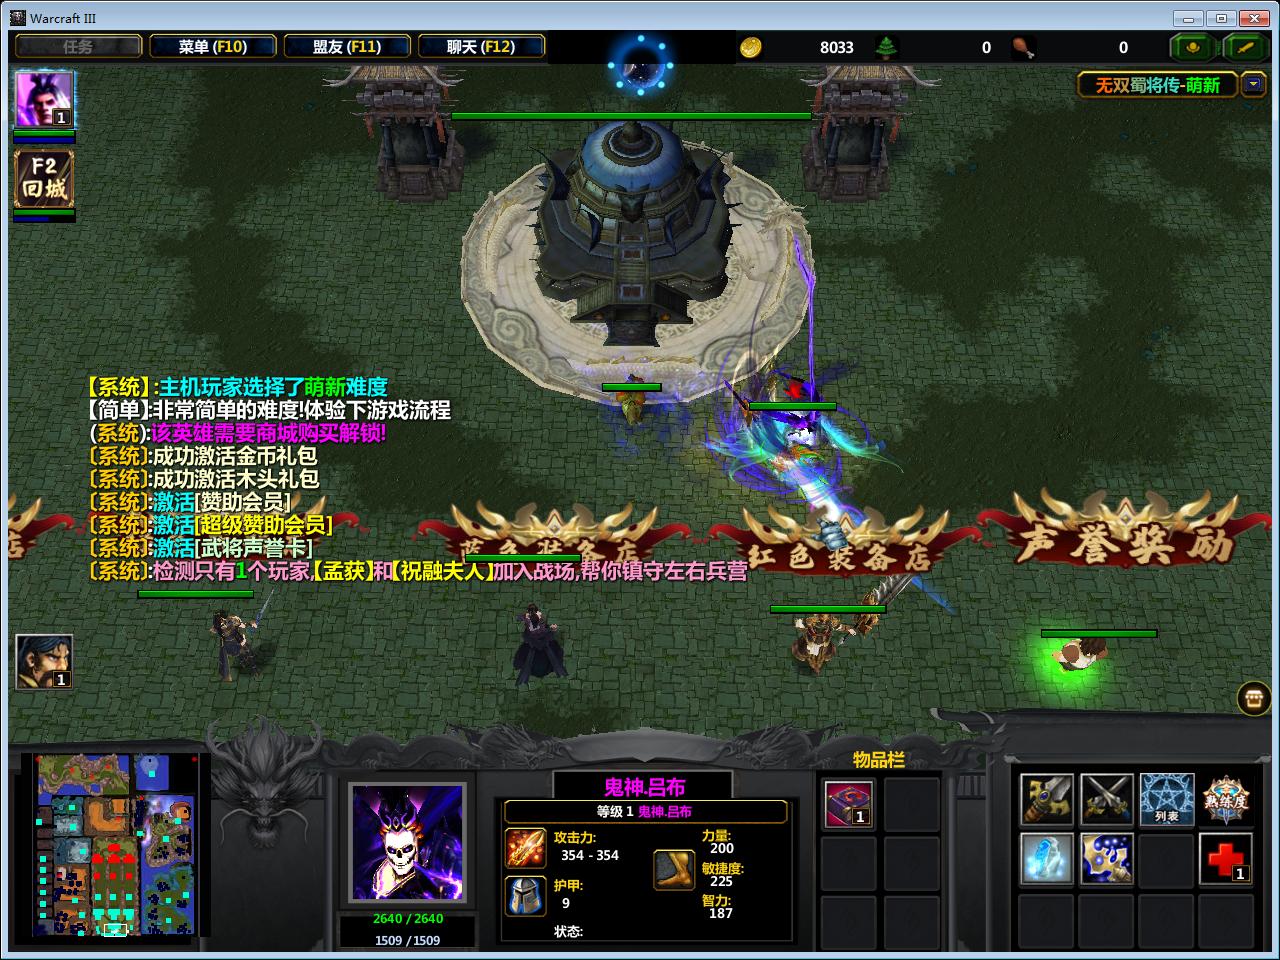 游戏界面2.png